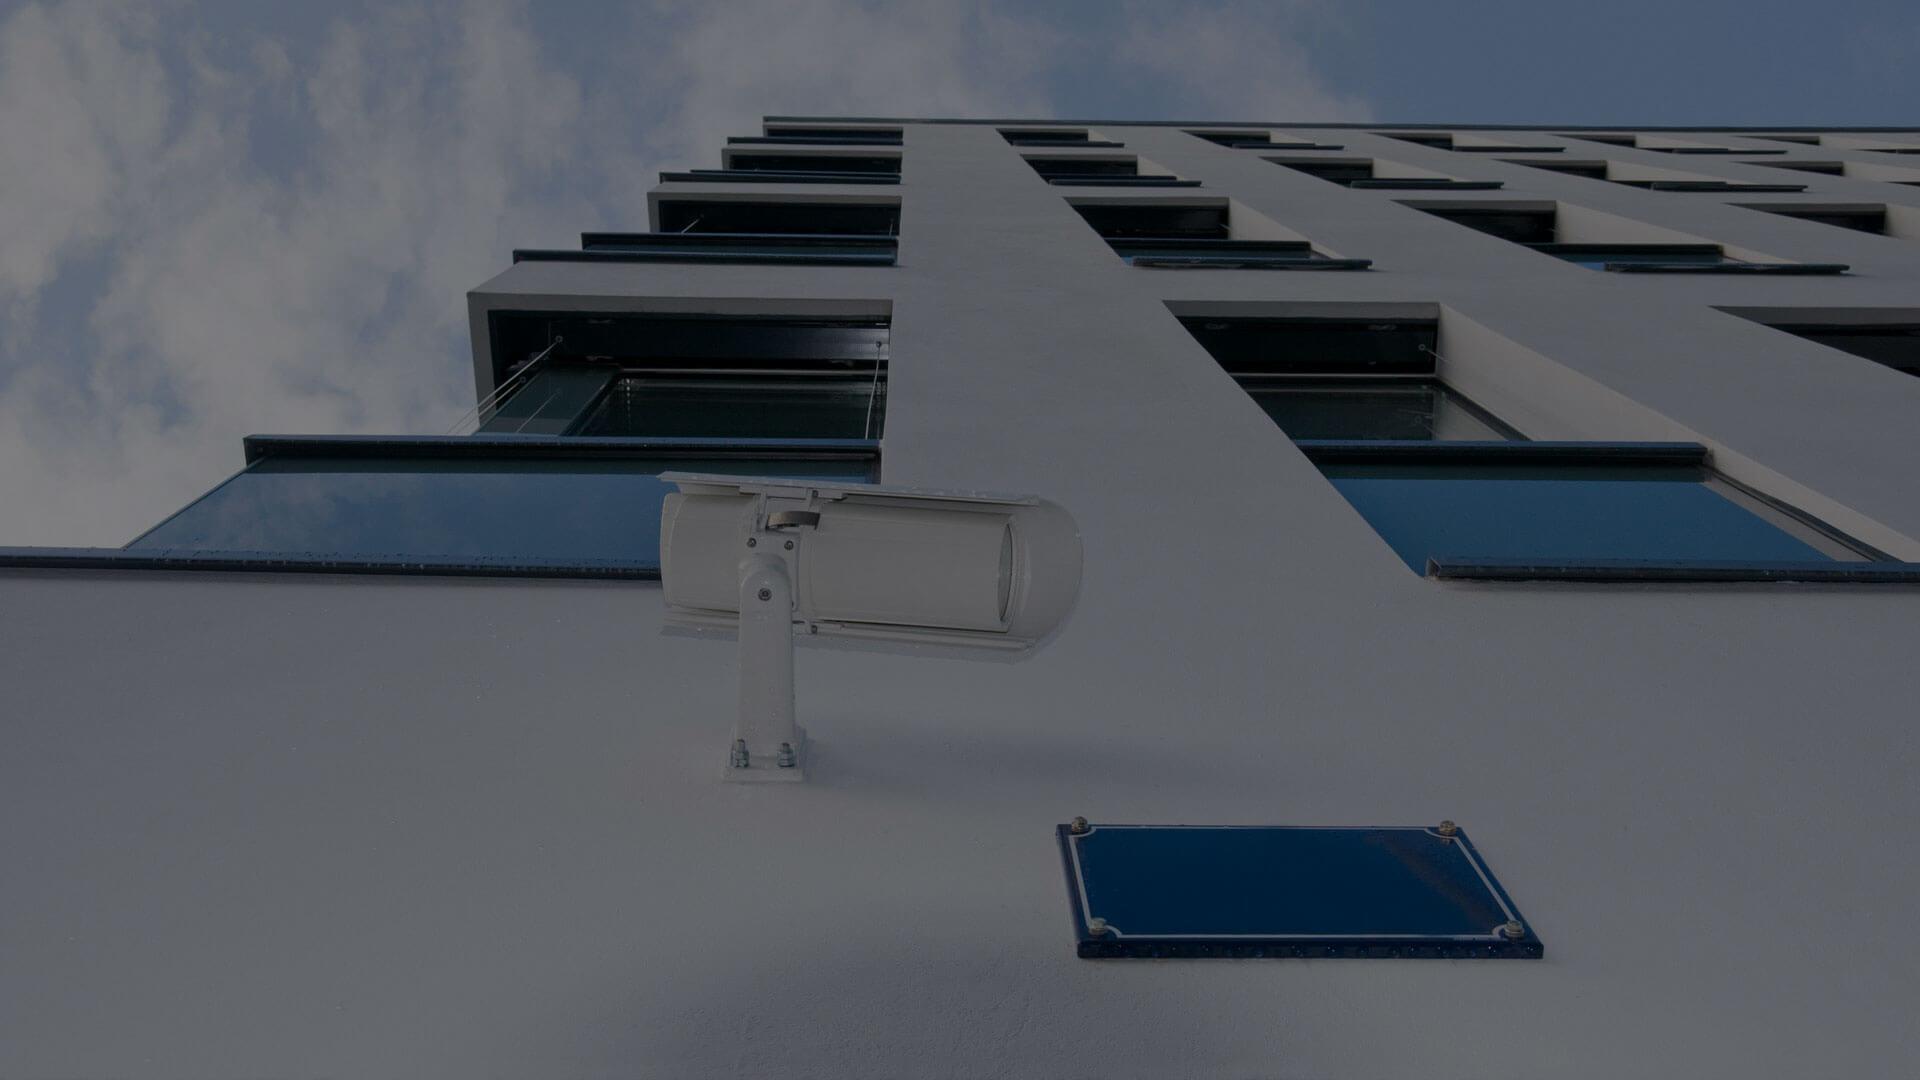 Der zuverlässige Objektschutz von SAAD Facility Management